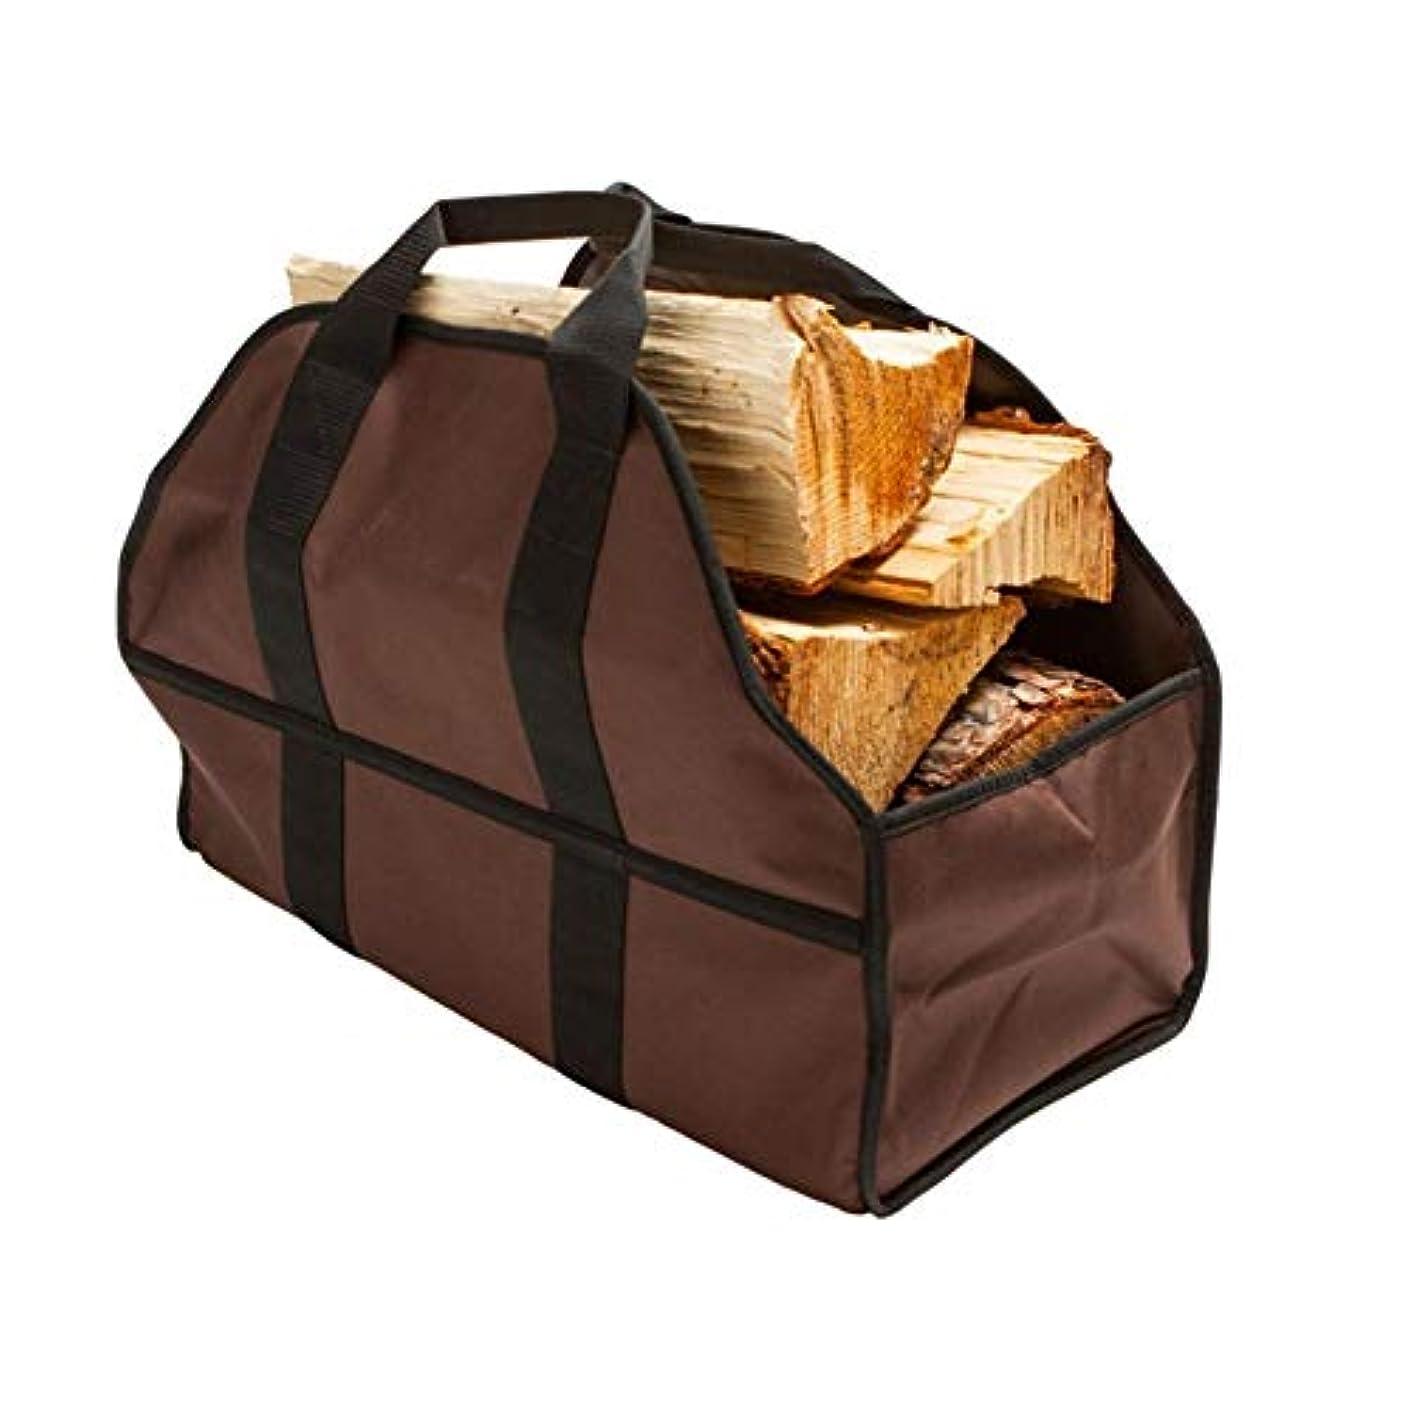 続ける過度にレジlacyie 大容量薪バッグ 薪ストーブ 防水キャンバス伐採袋 持ち運びが易い折りたたみできる携帯用薪貯蔵袋 ストレージクリーニング用品